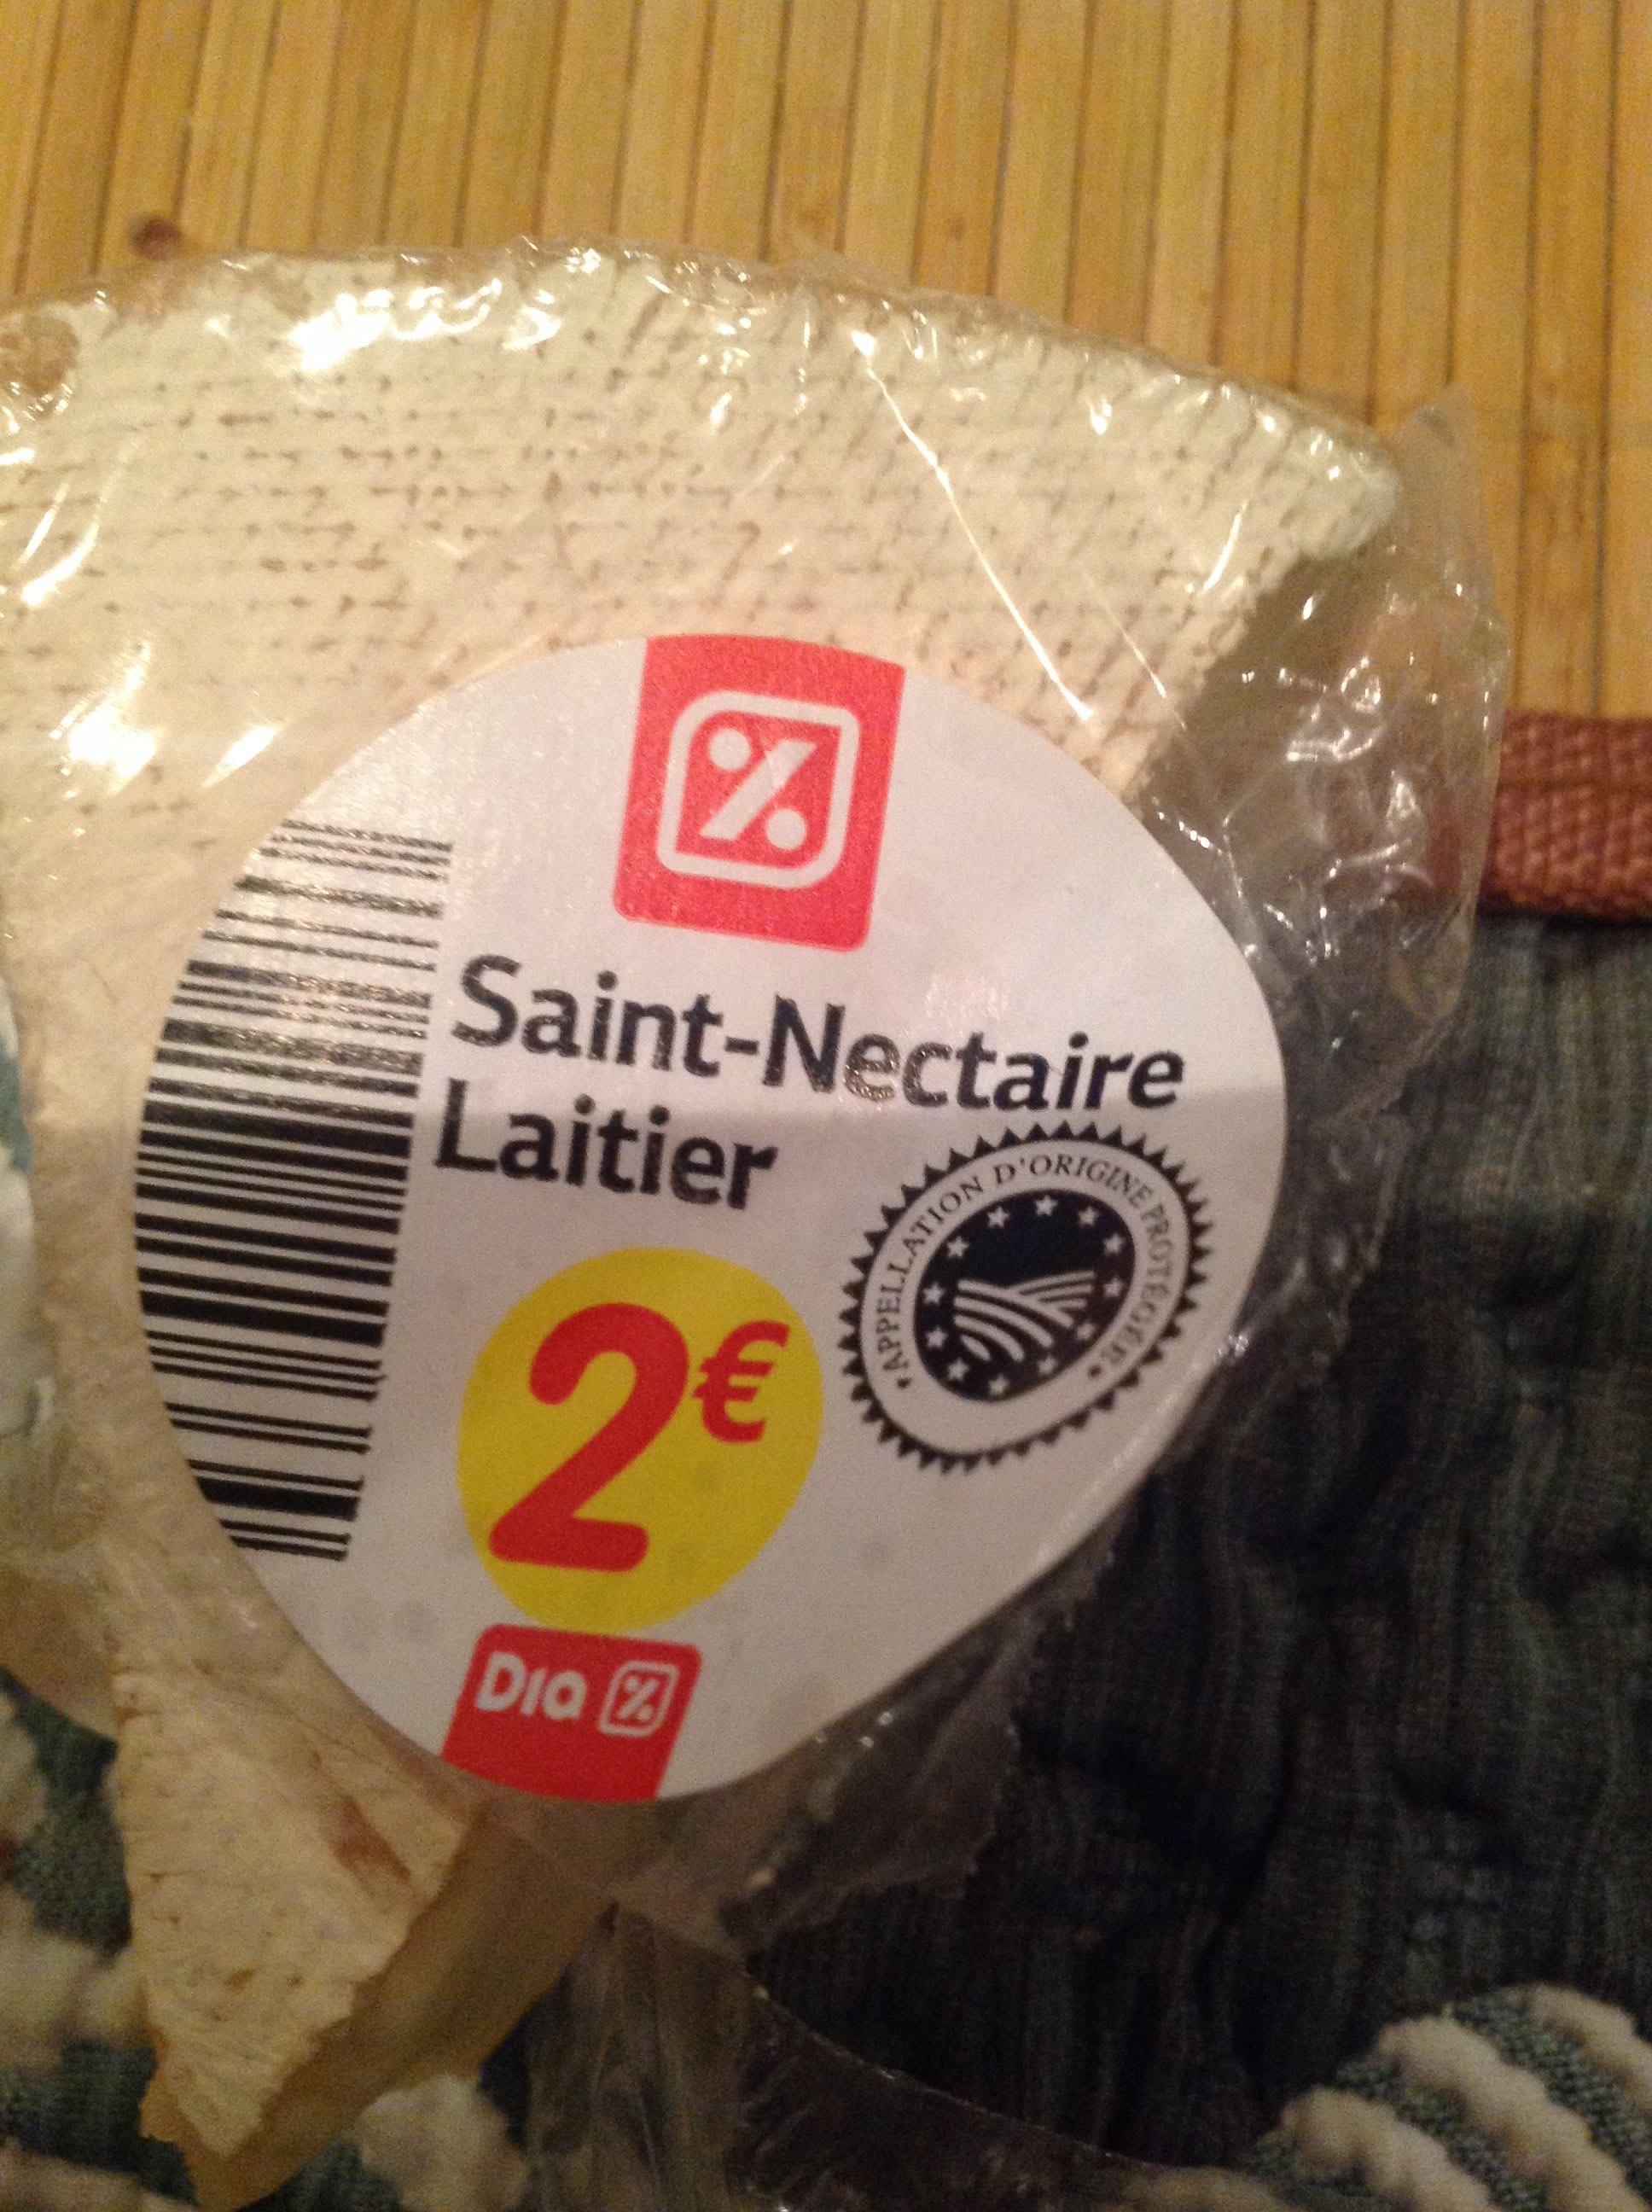 Saint-Nectaire Laitier AOP (27 % MG) - Product - fr